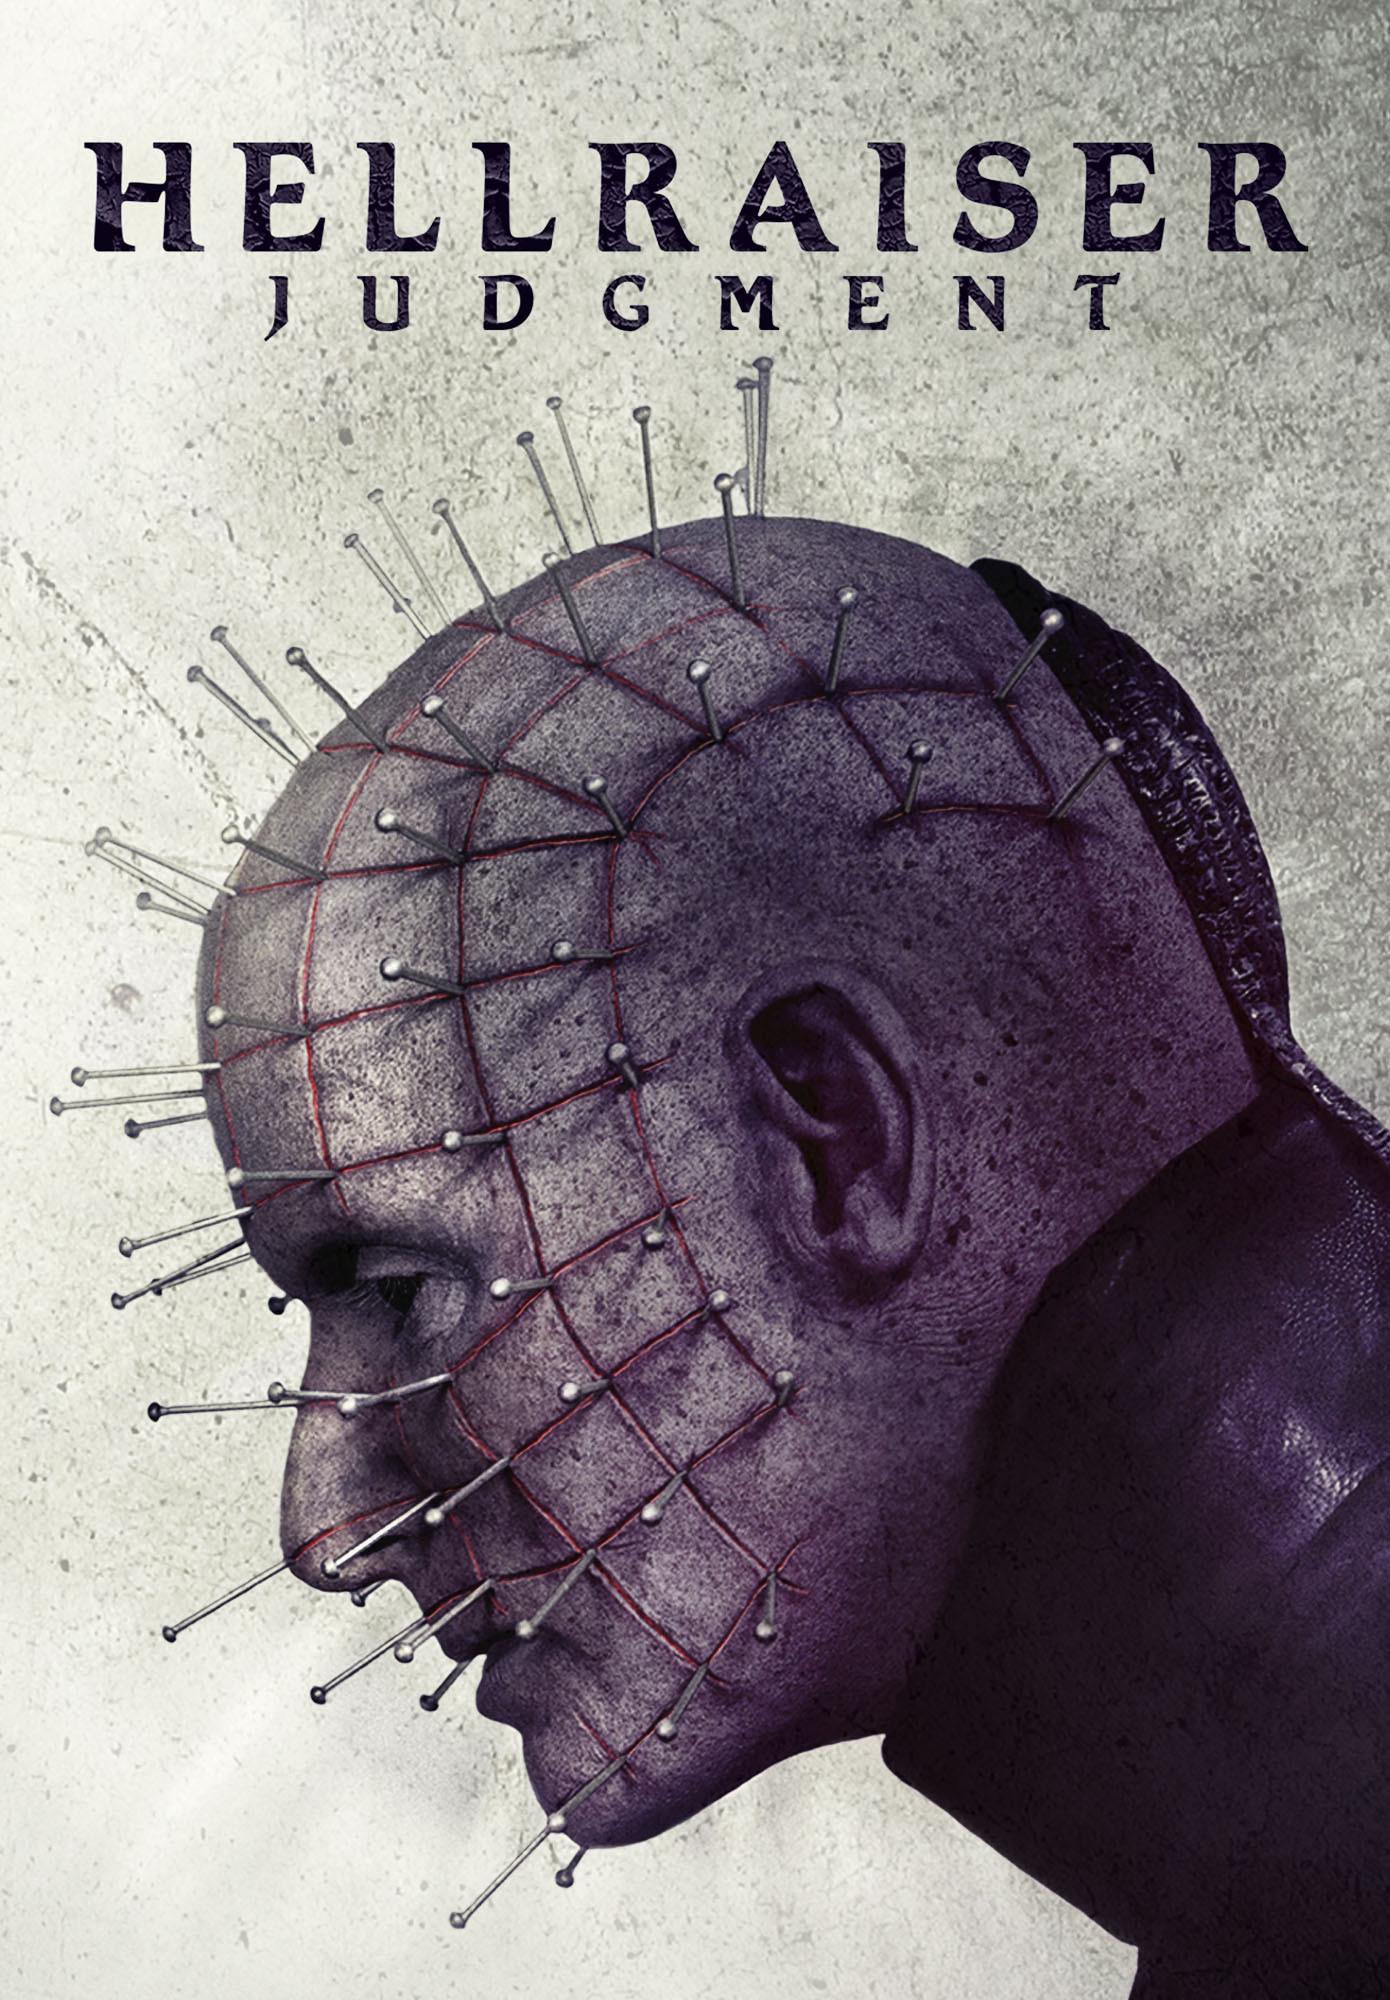 Hellraiser: Judgment Reviews - Metacritic